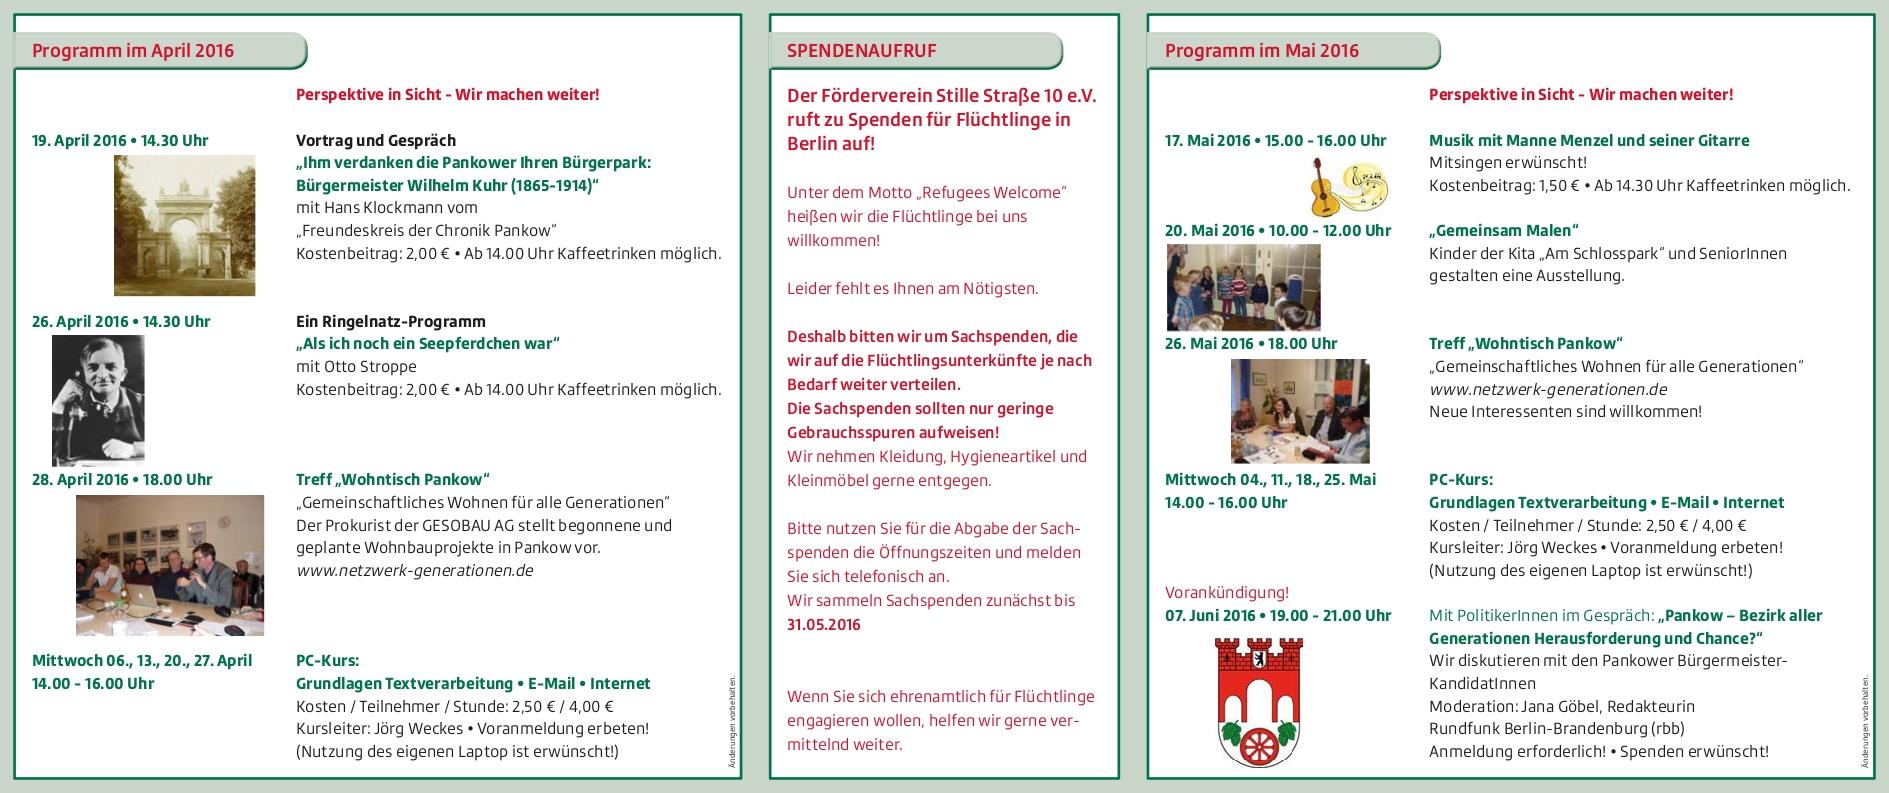 StilleStrasse_Veranst-03-04-2016_02